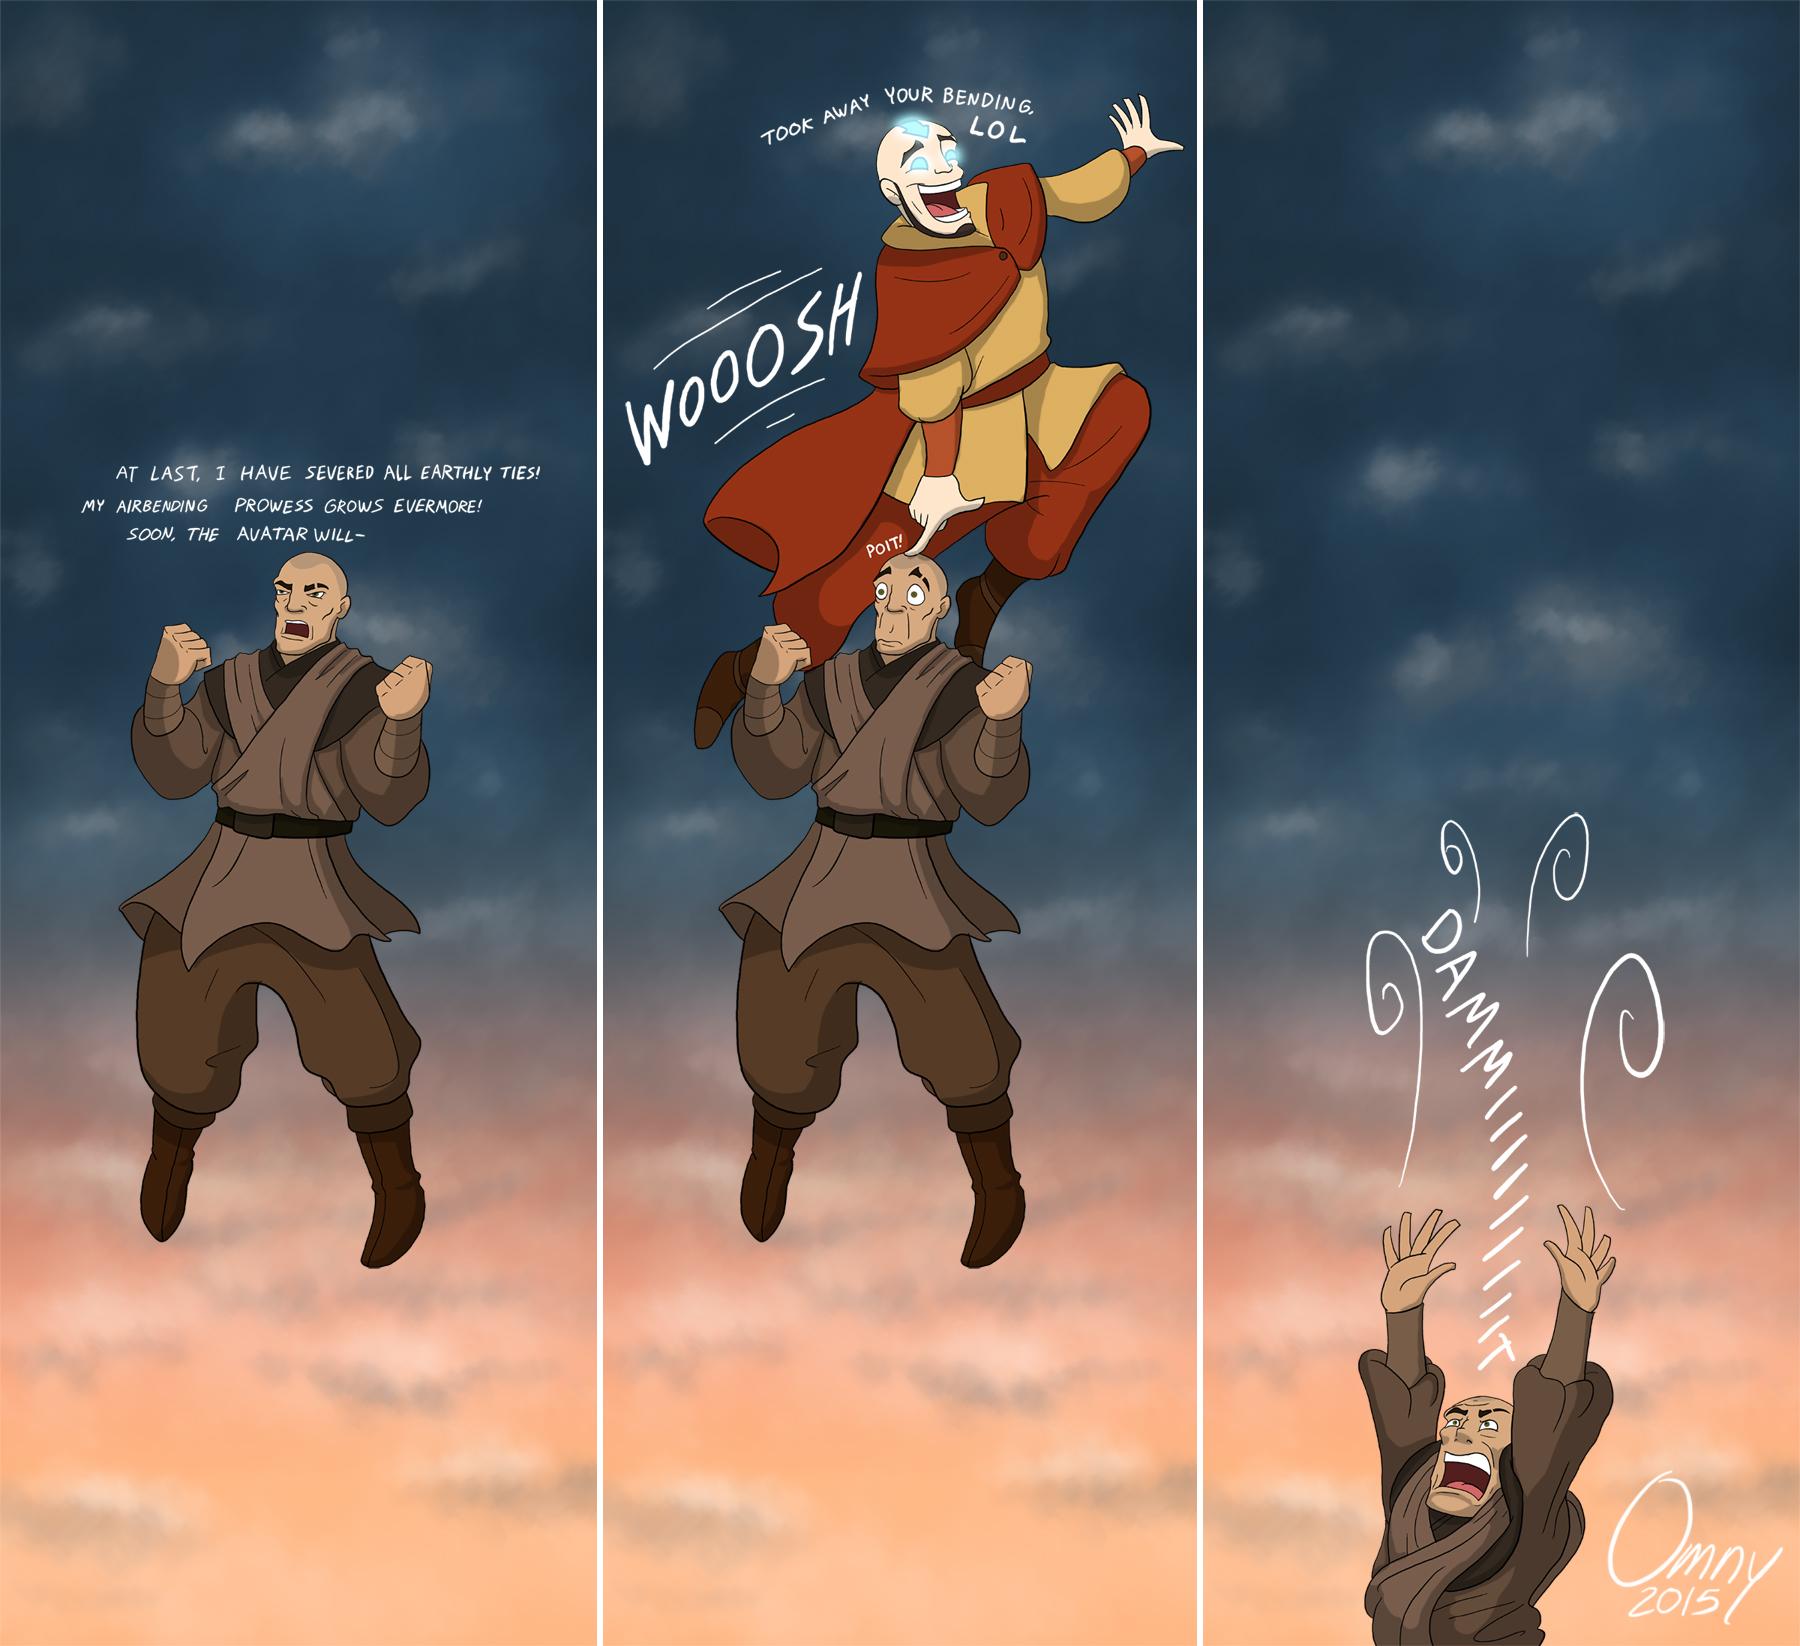 Aang Korra aang vs zaheer | avatar: the last airbender / the legend of